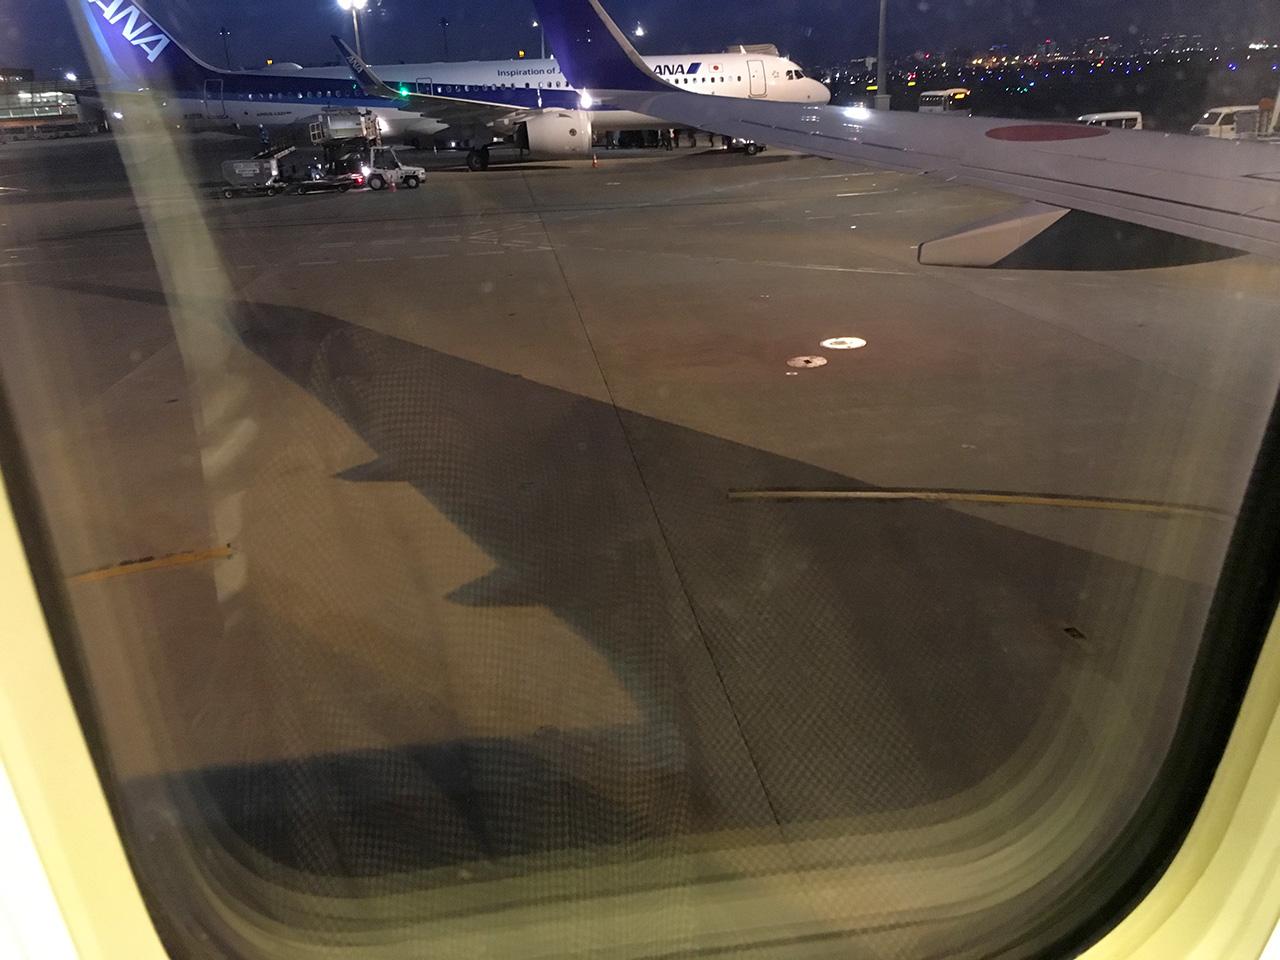 羽田空港,737